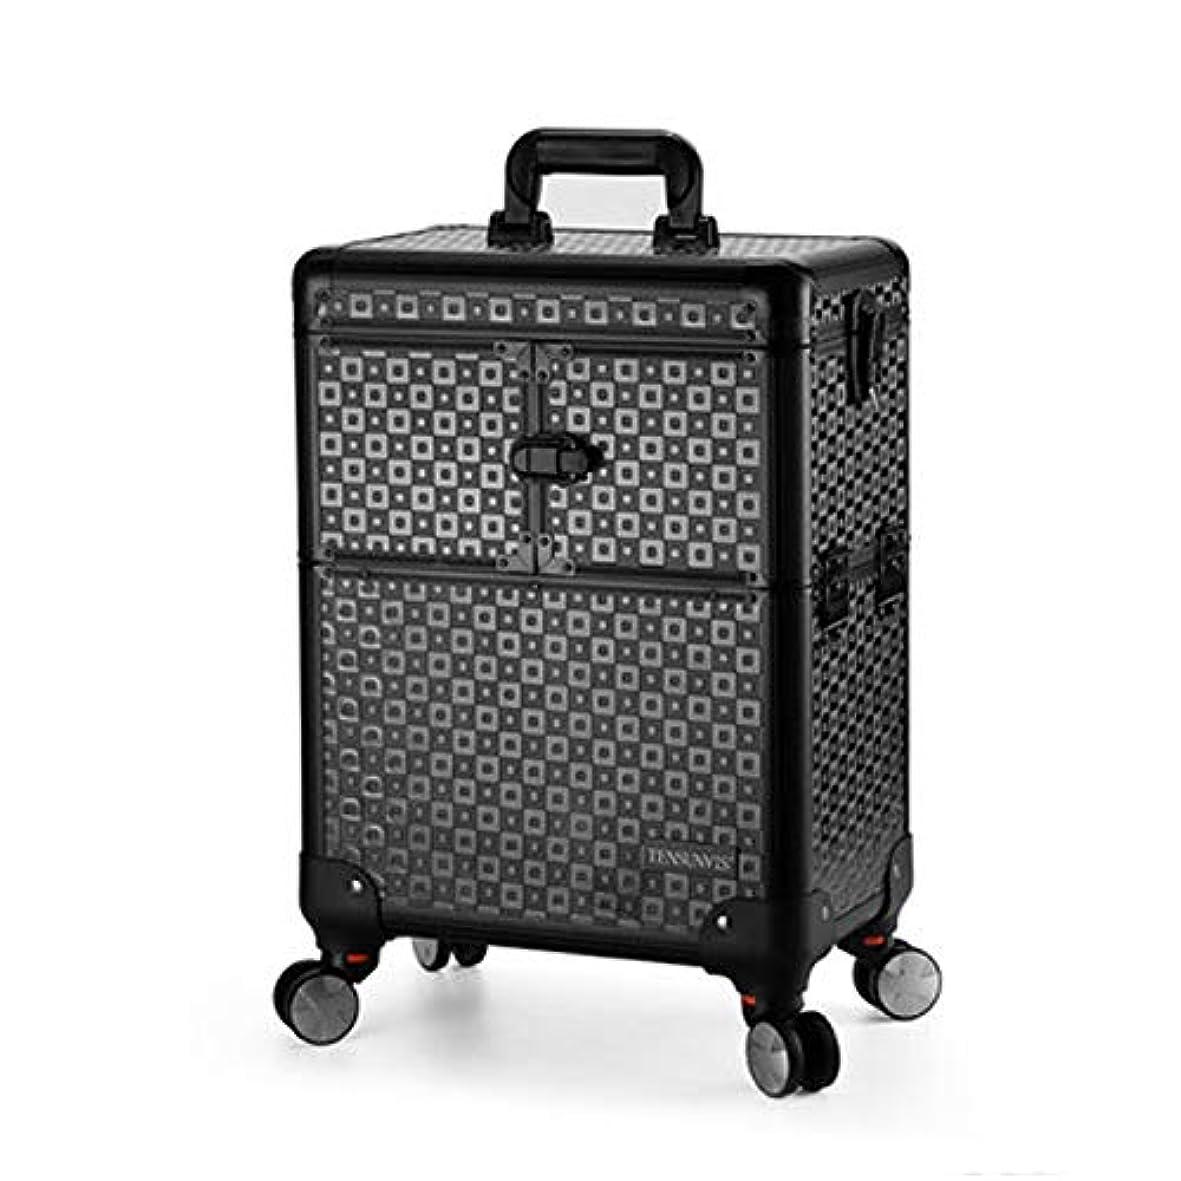 そんなに腹九月プロ専用 美容師 クローゼット スーツケース メイクボックス キャリーバッグ ヘアメイク プロ 大容量 軽量 高品質 多機能 I-TT-4622-TB-T